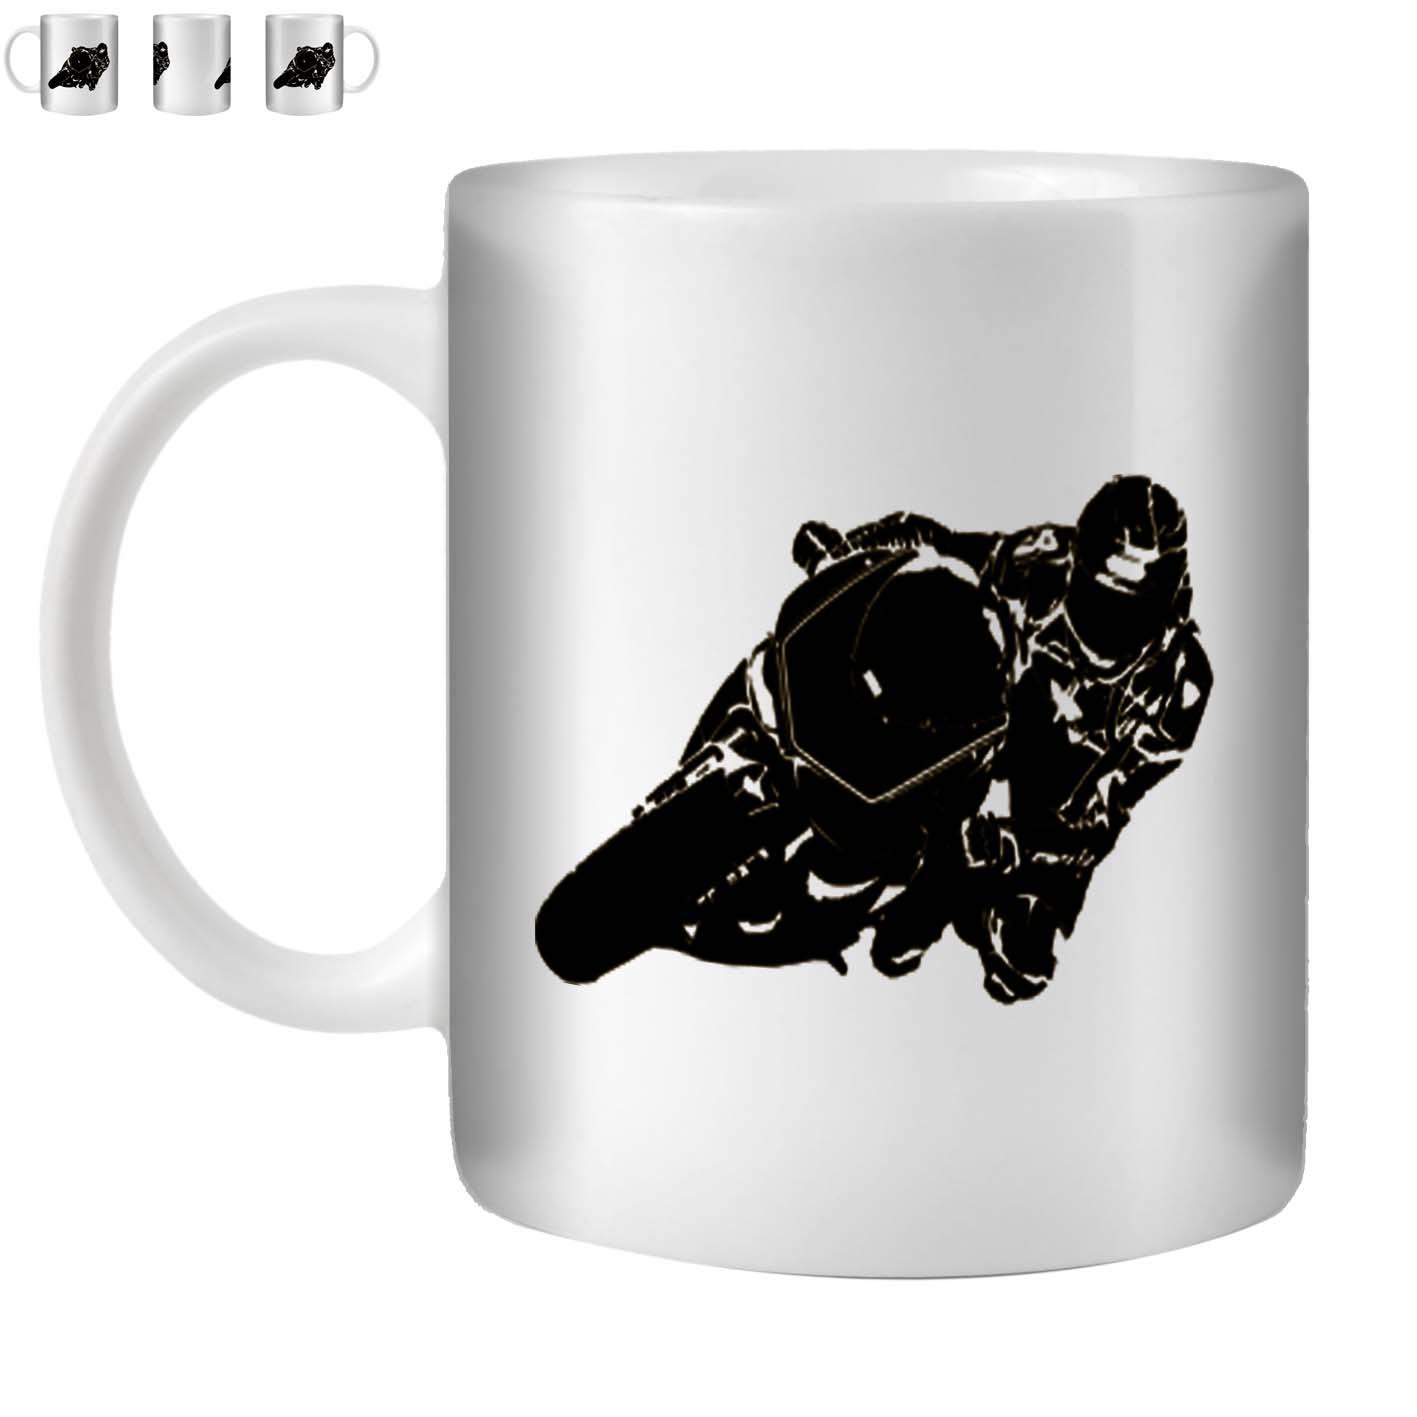 ROBA-4-Te-Caffe-Tazza-Coppa-350-ML-Stencil-Arte-Moto-angolo-ST10